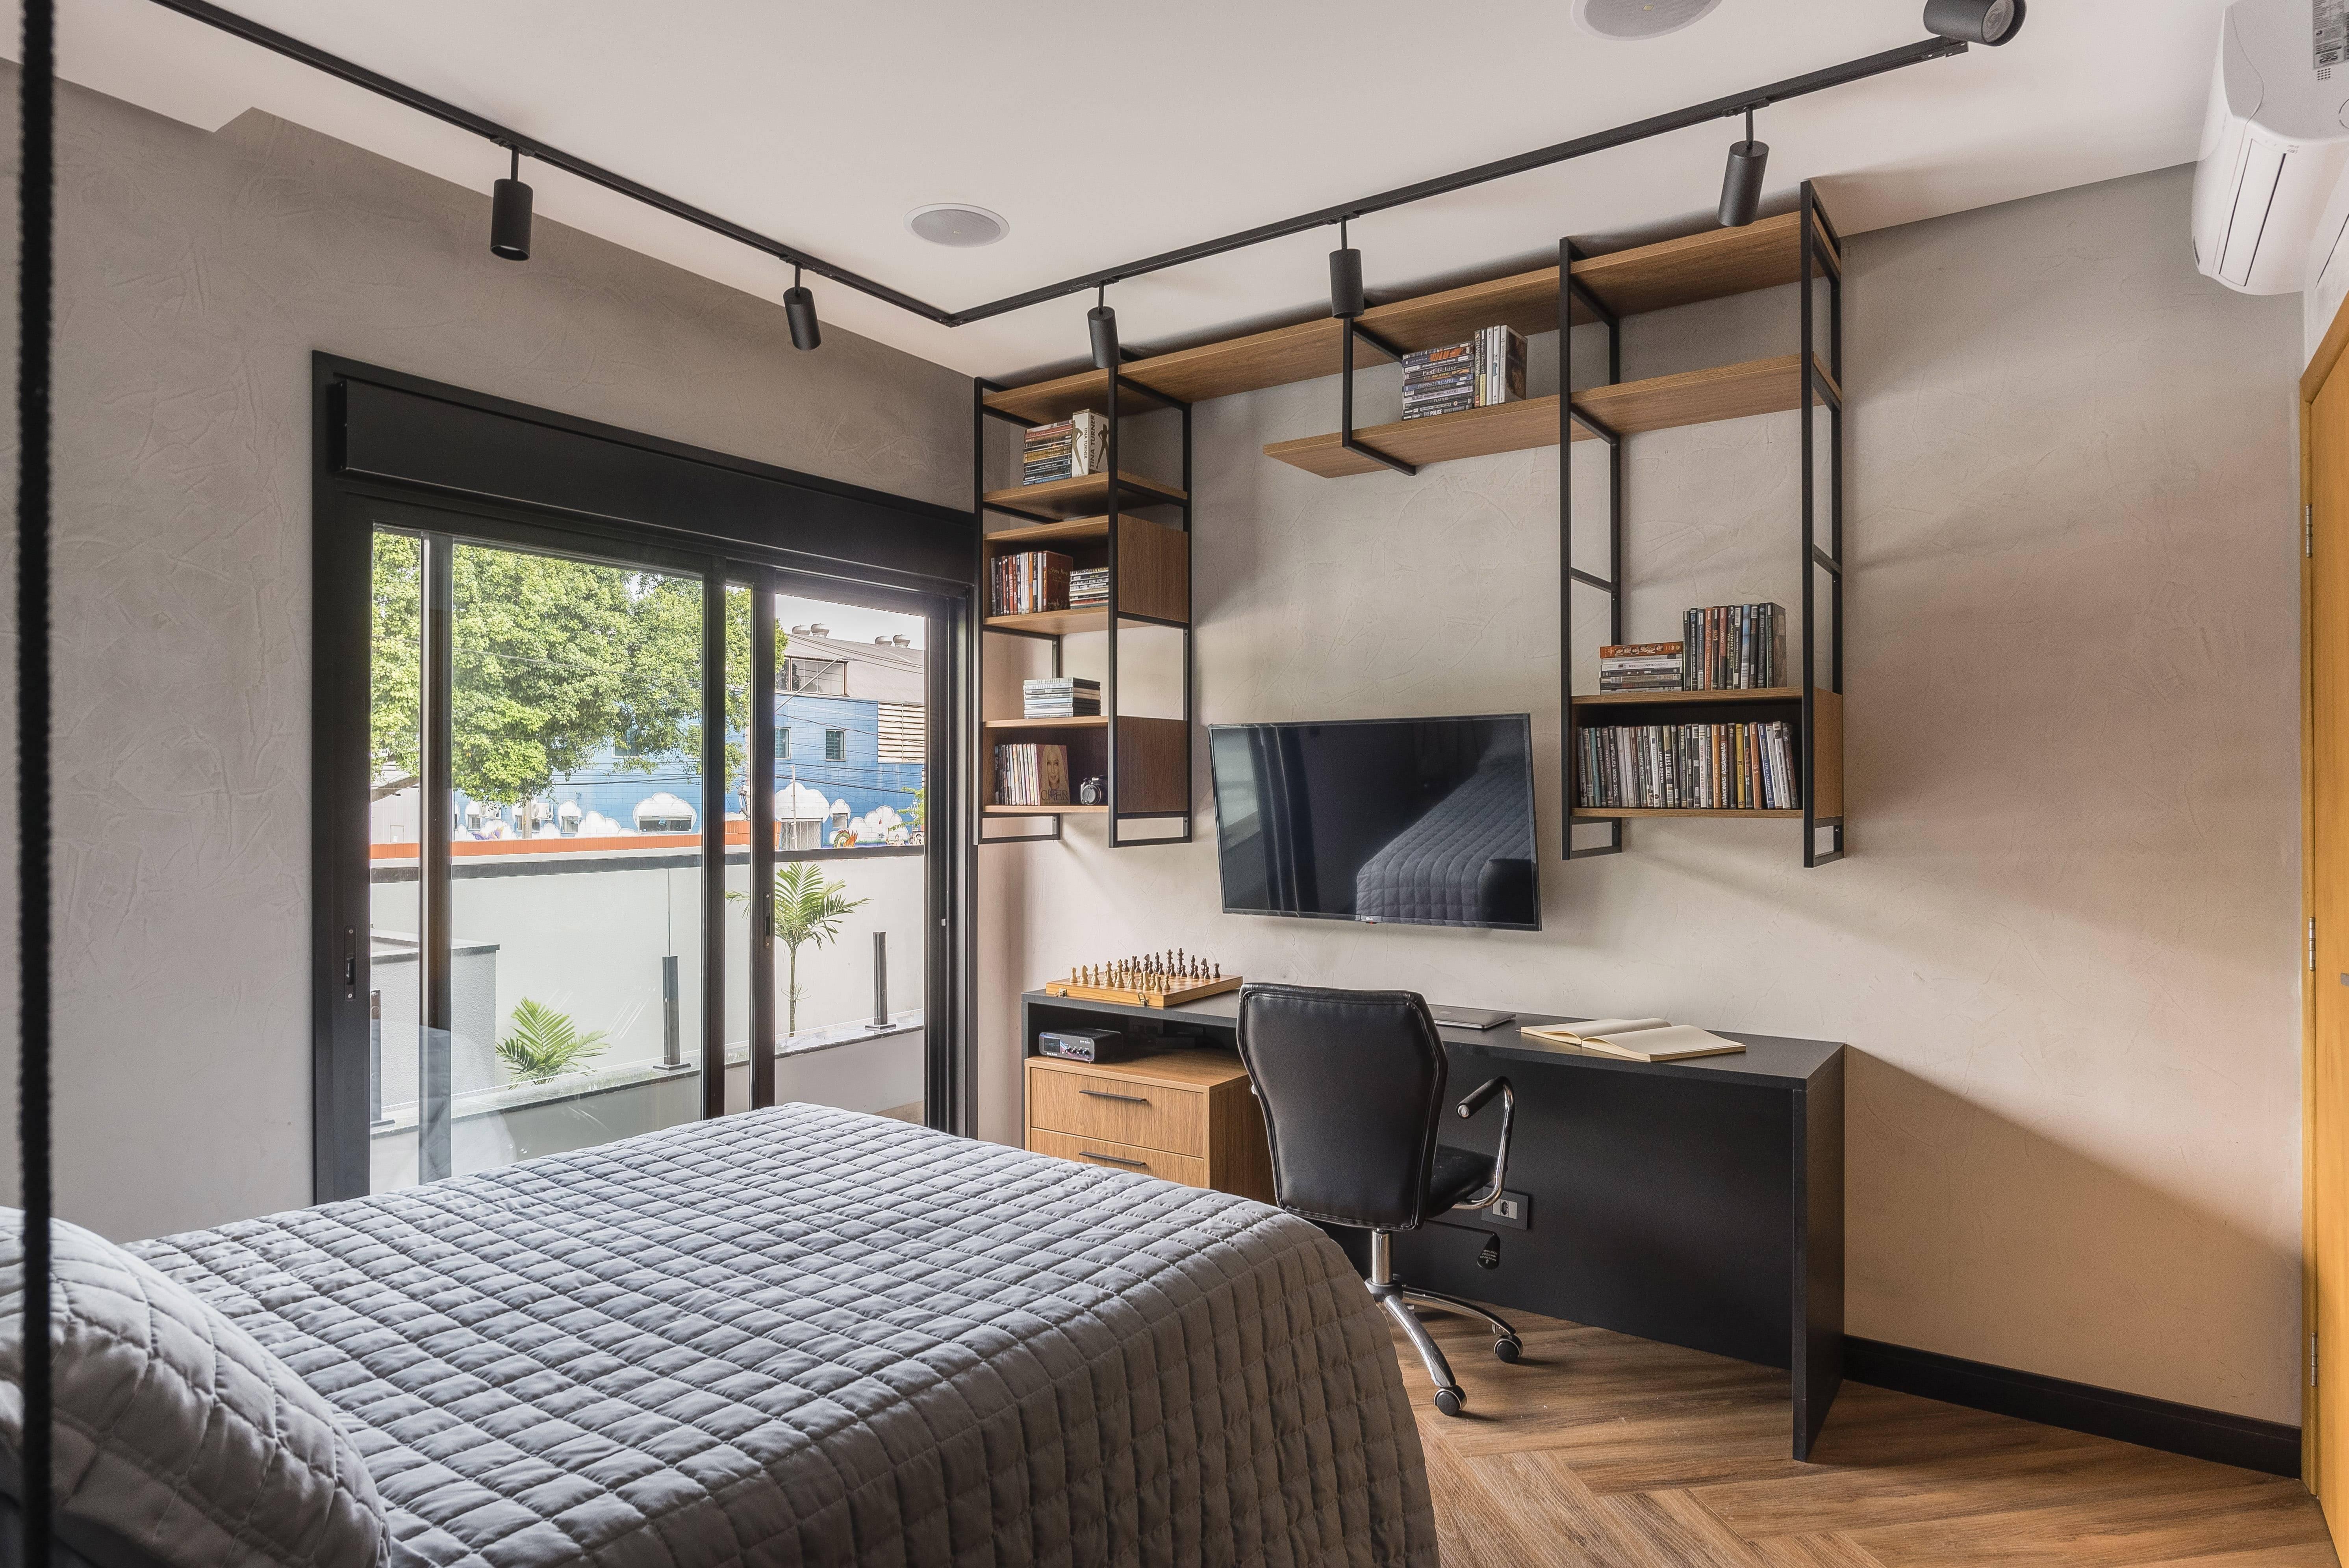 Prateleiras, armários e estantes podem tornar a decoração do quarto mais organizada. Foto: Henrique Ribeiro